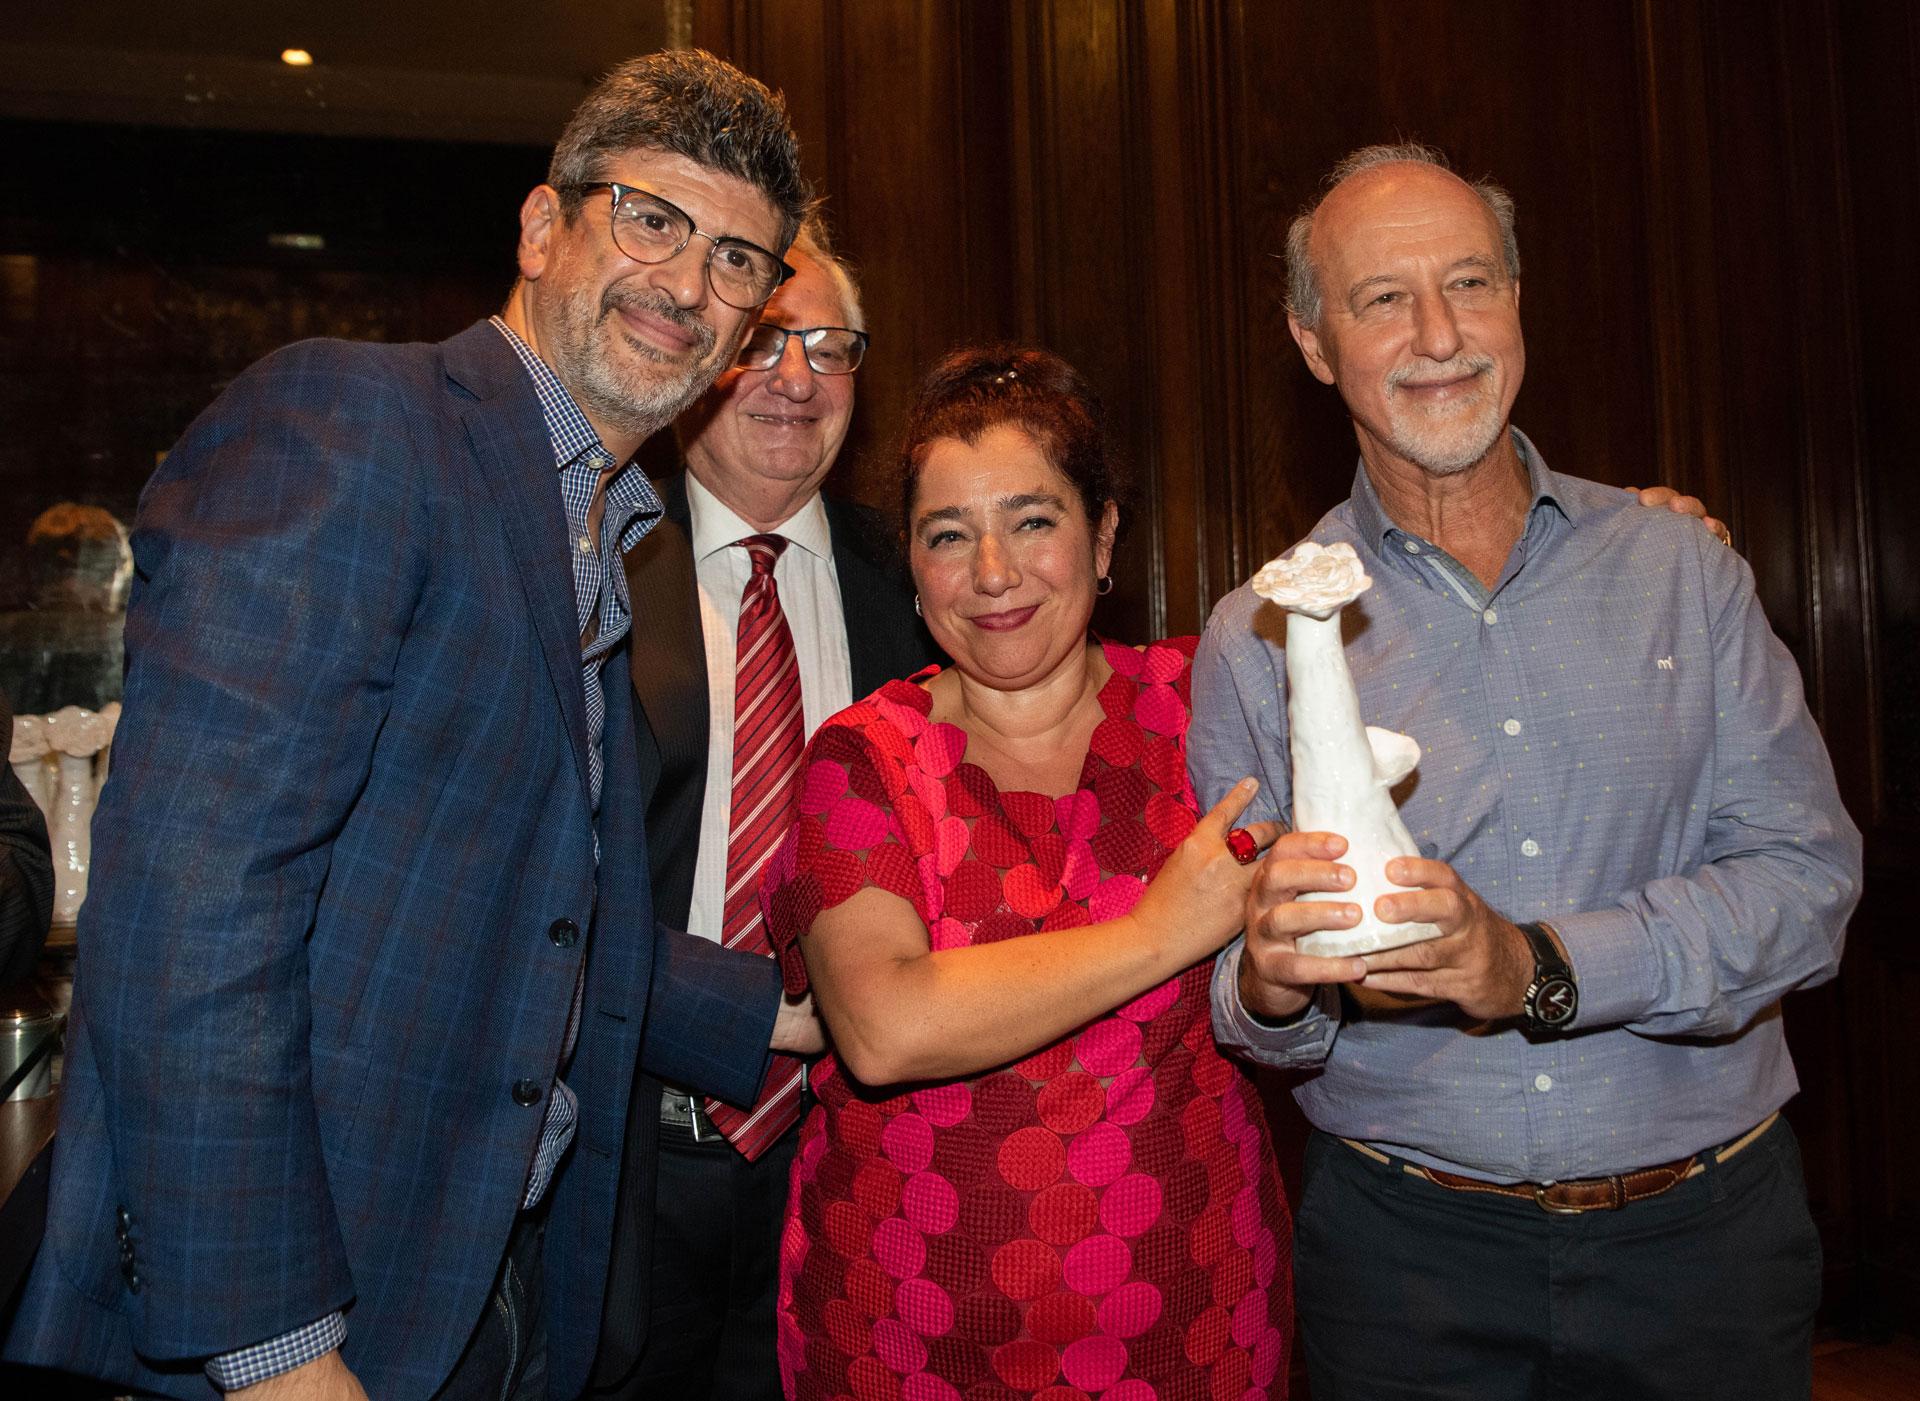 AMIA acaba de cumplir 125 años manteniendo vivas las tradiciones y los valores de la comunidad judía en el país, y un contacto permanente con la sociedad. El director del Servicio de Empleo de AMIA, Ernesto Tocker, y al director de Producción y Arte, Elio Kapszuk, recibieron la distinción en nombre de la organización